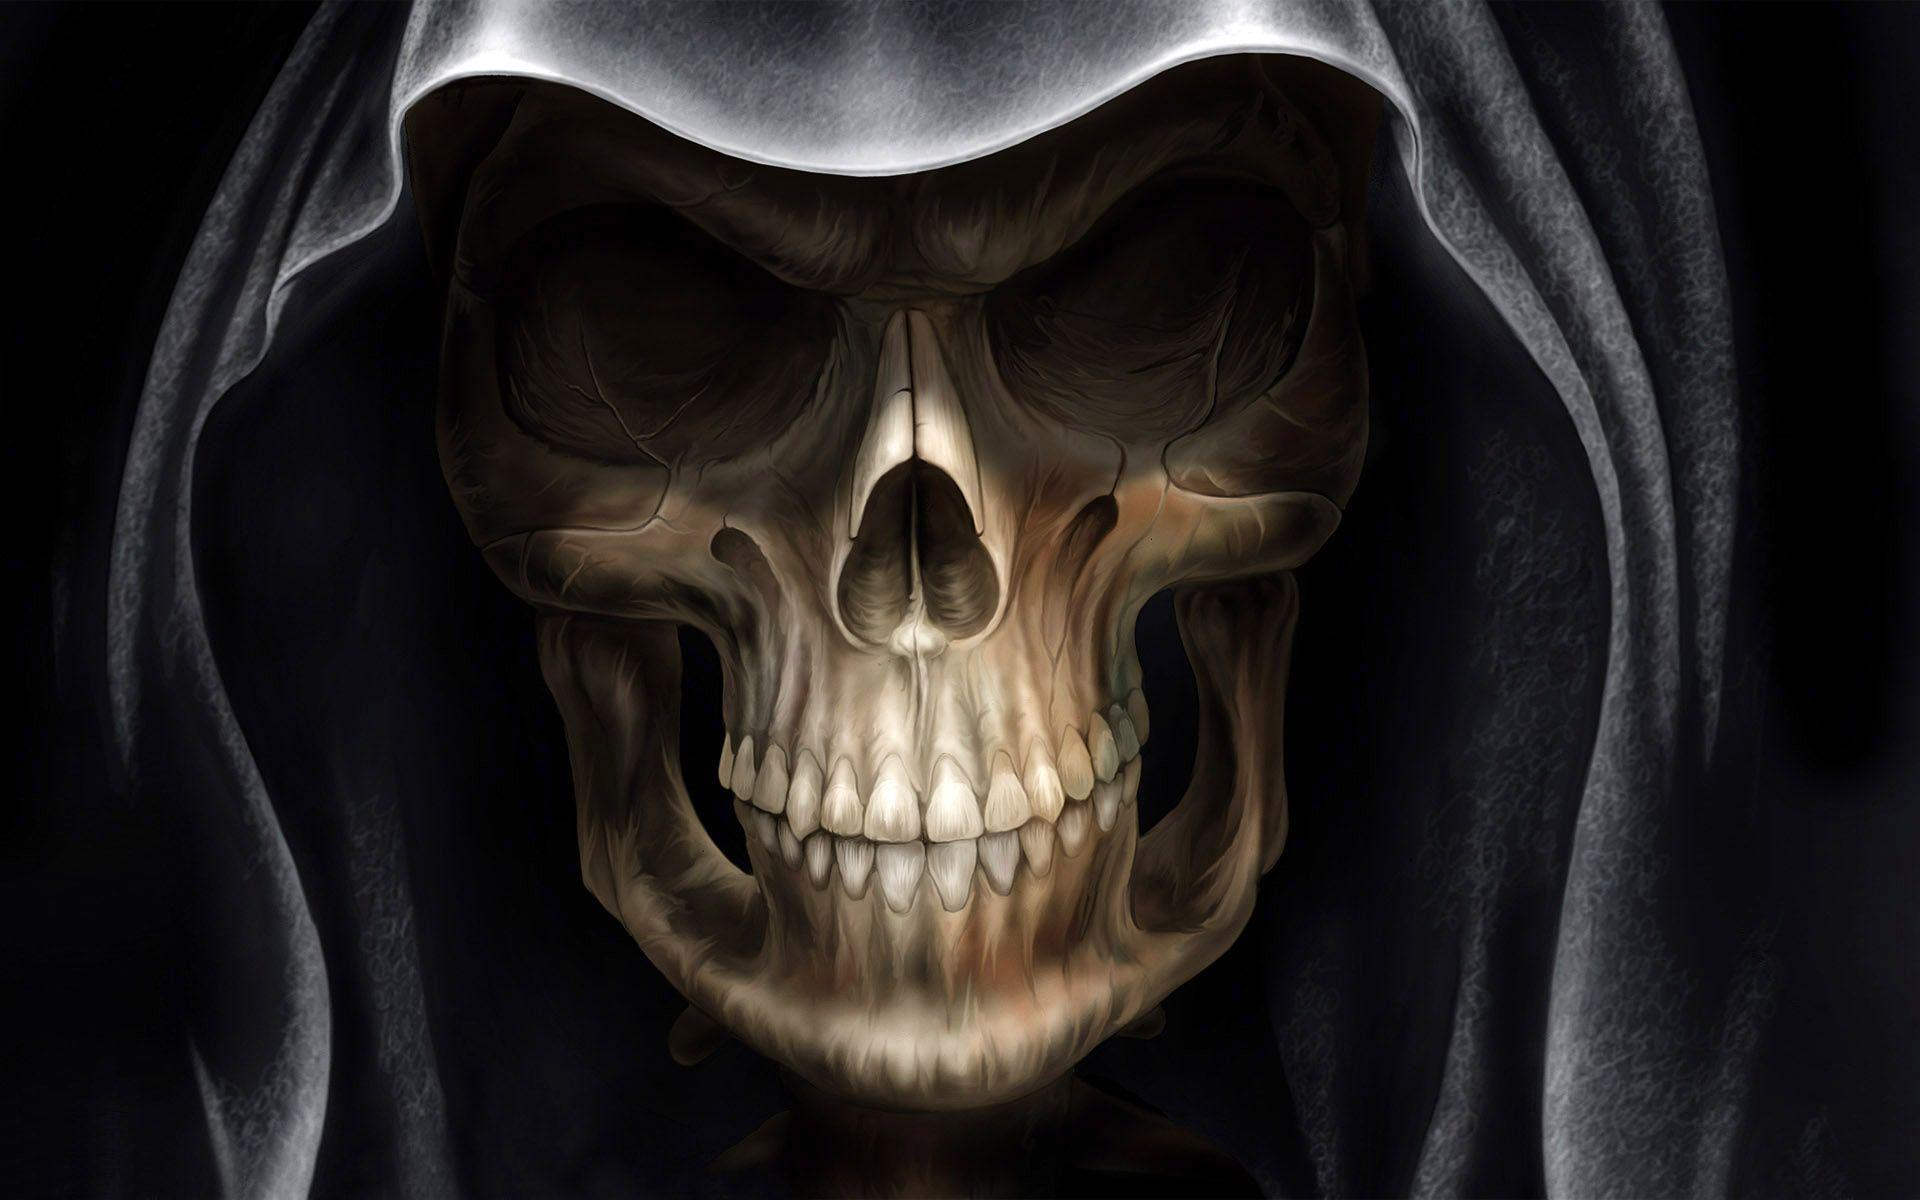 Hooded Skull Charon Skull Wallpaper 4k Wallpaper For Mobile Alien Skull Devil hd wallpaper for mobile